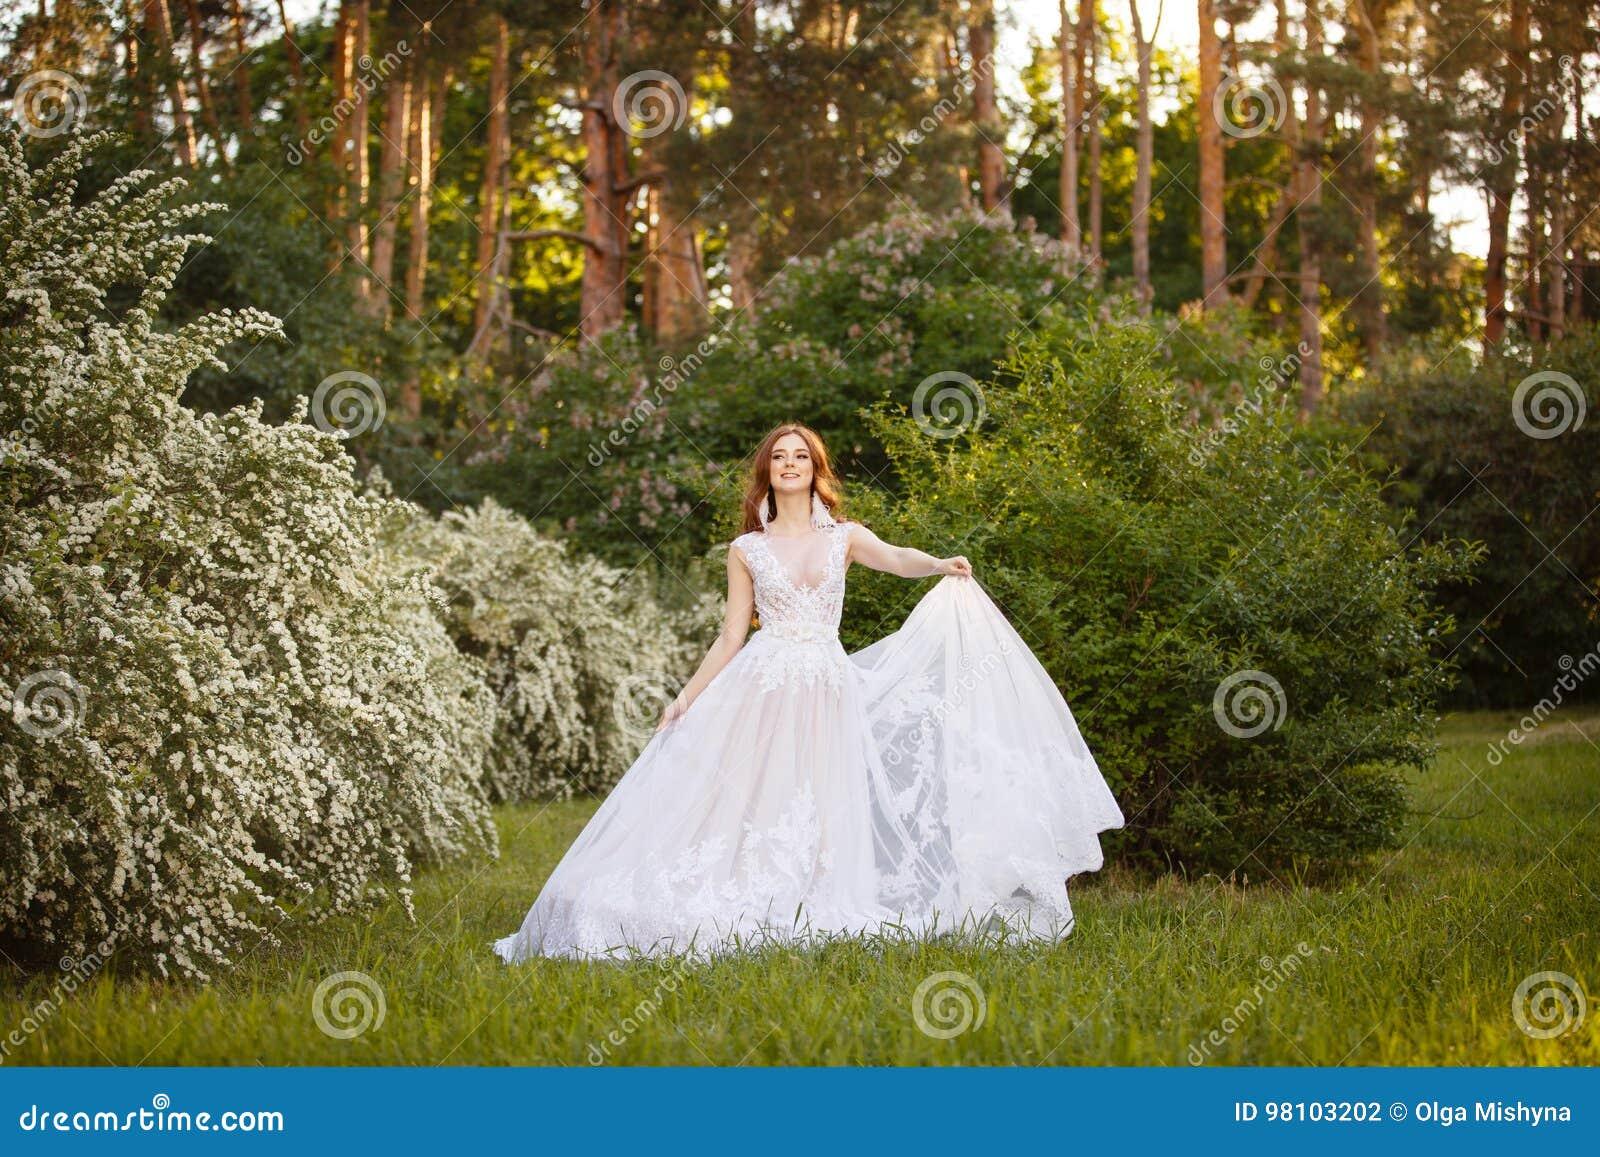 Schöne Rothaarige Braut im fantastischen Hochzeitskleid in blühendem Garten